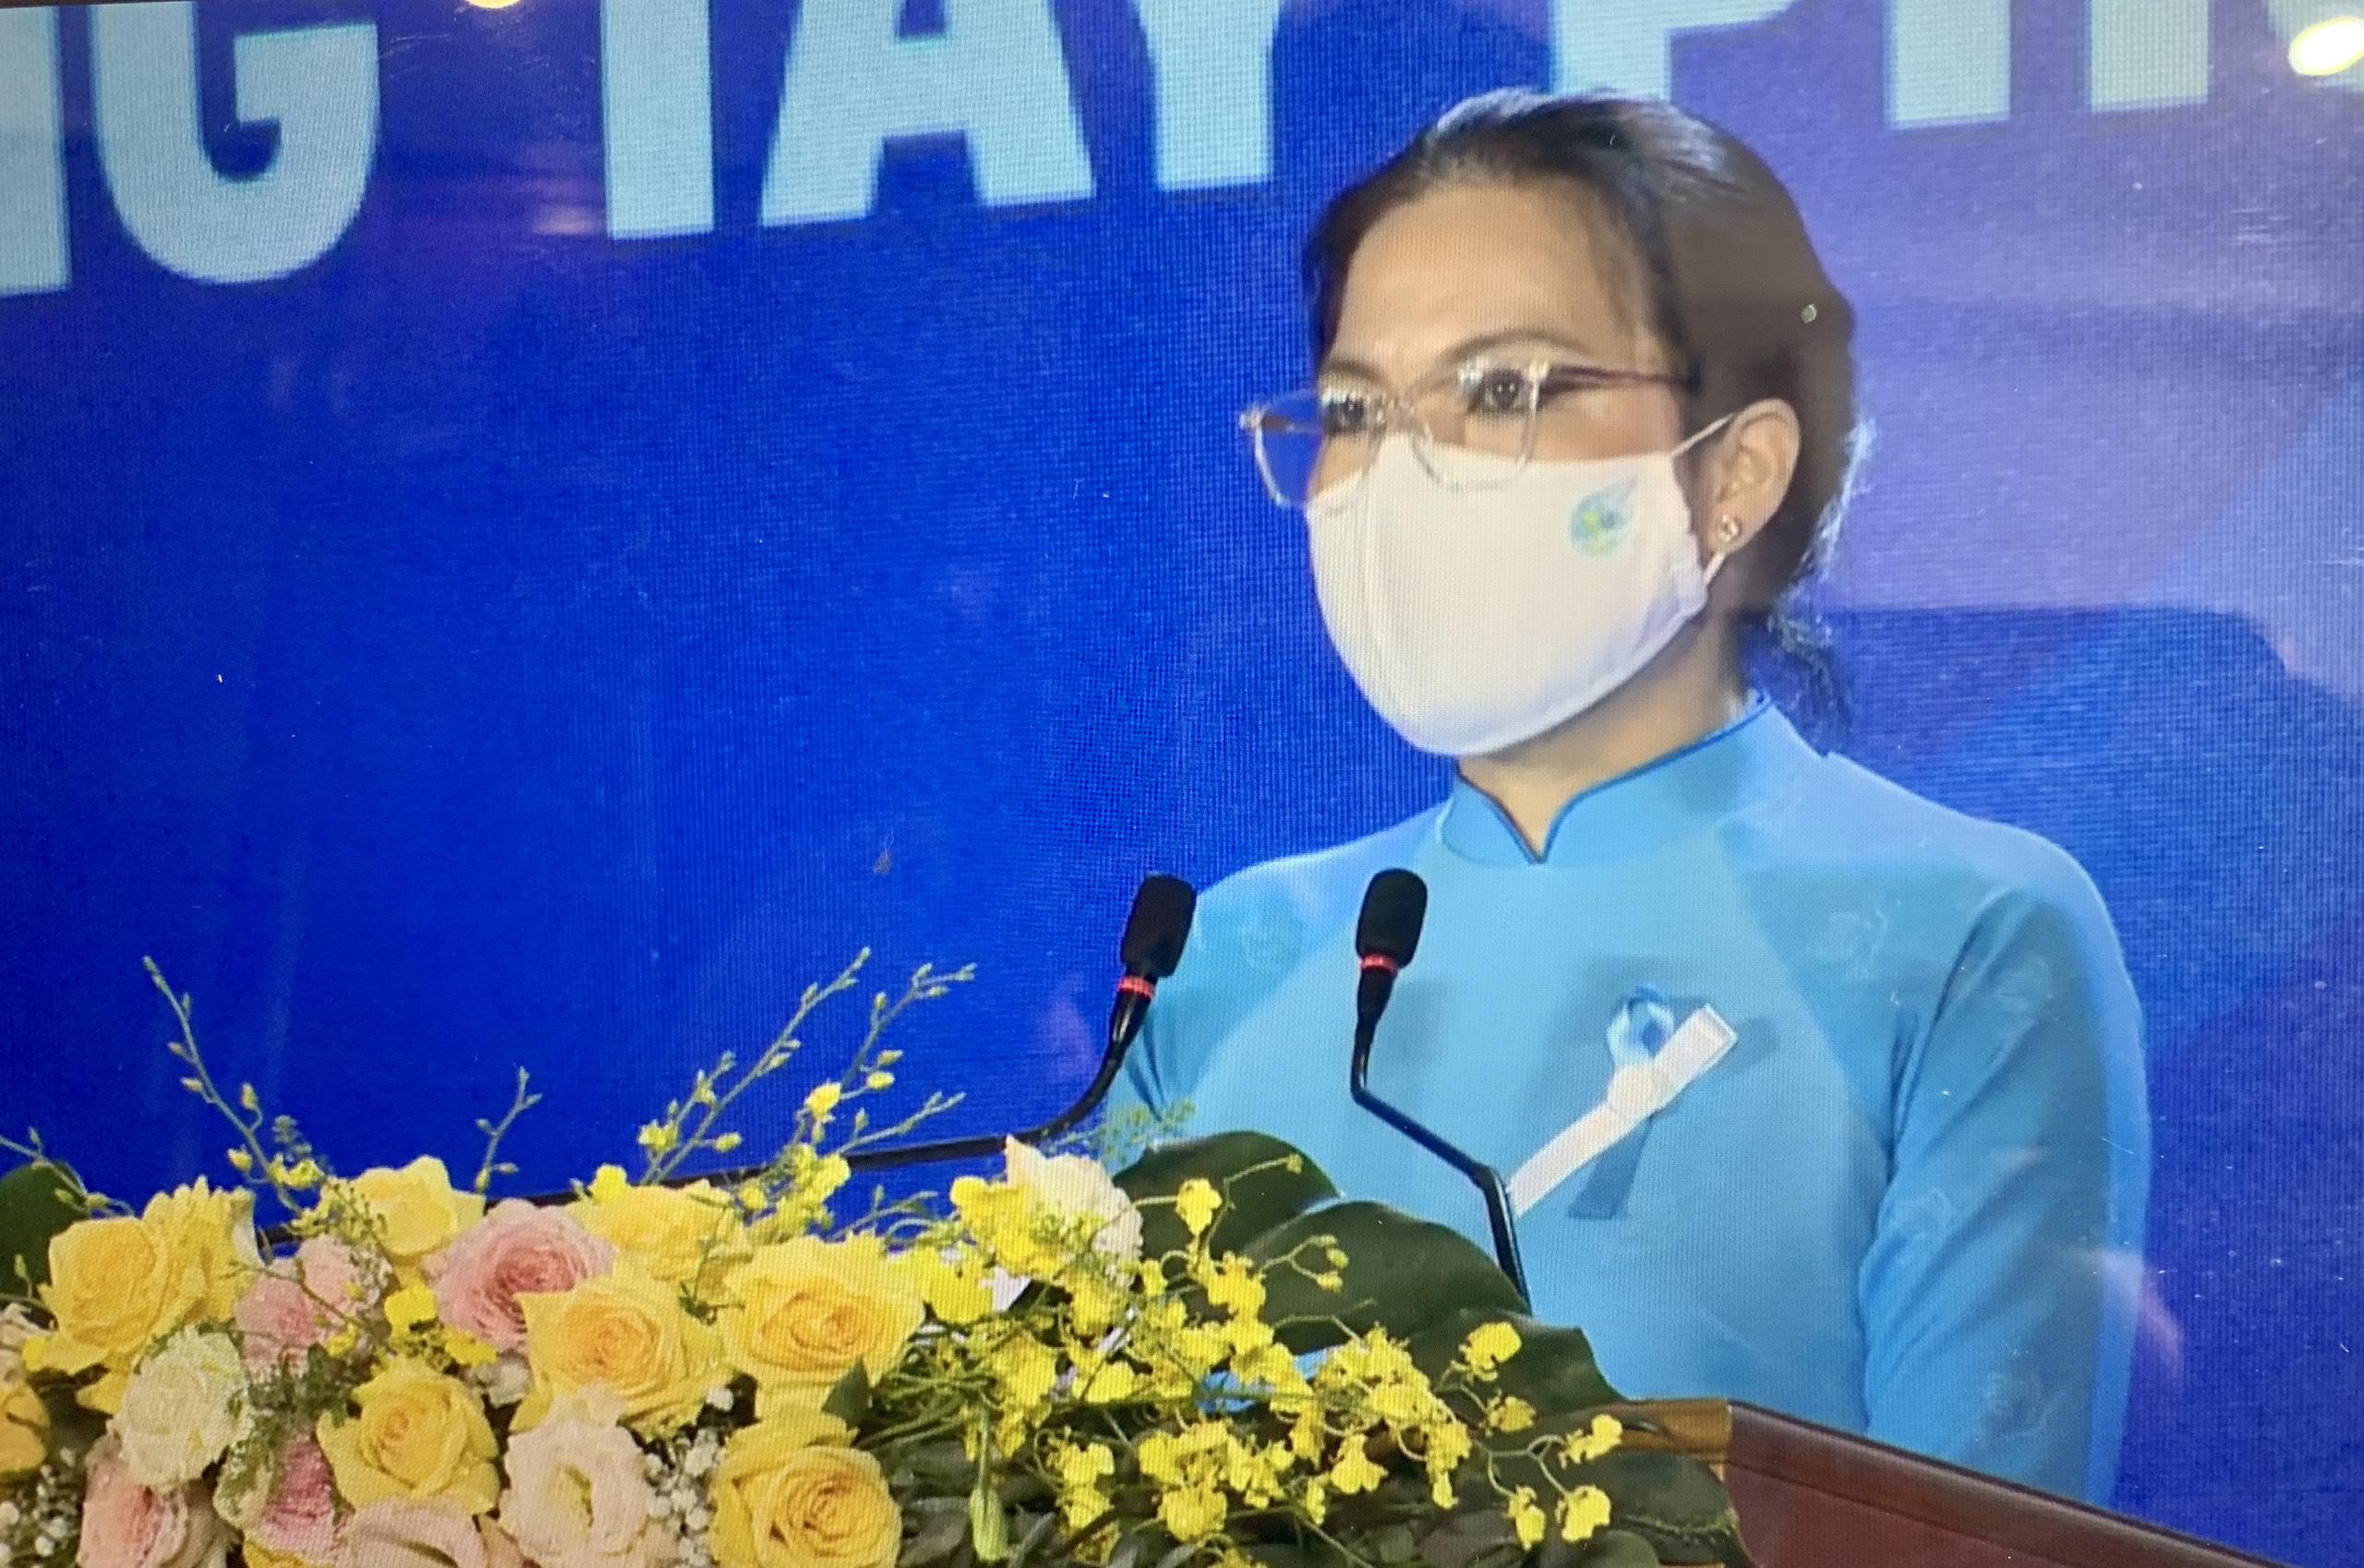 Bà Hà Thị Nga, Ủy viên TƯ Đảng, Chủ tịch Hội LHPN Việt Nam phát biểu khai mạc chương trình